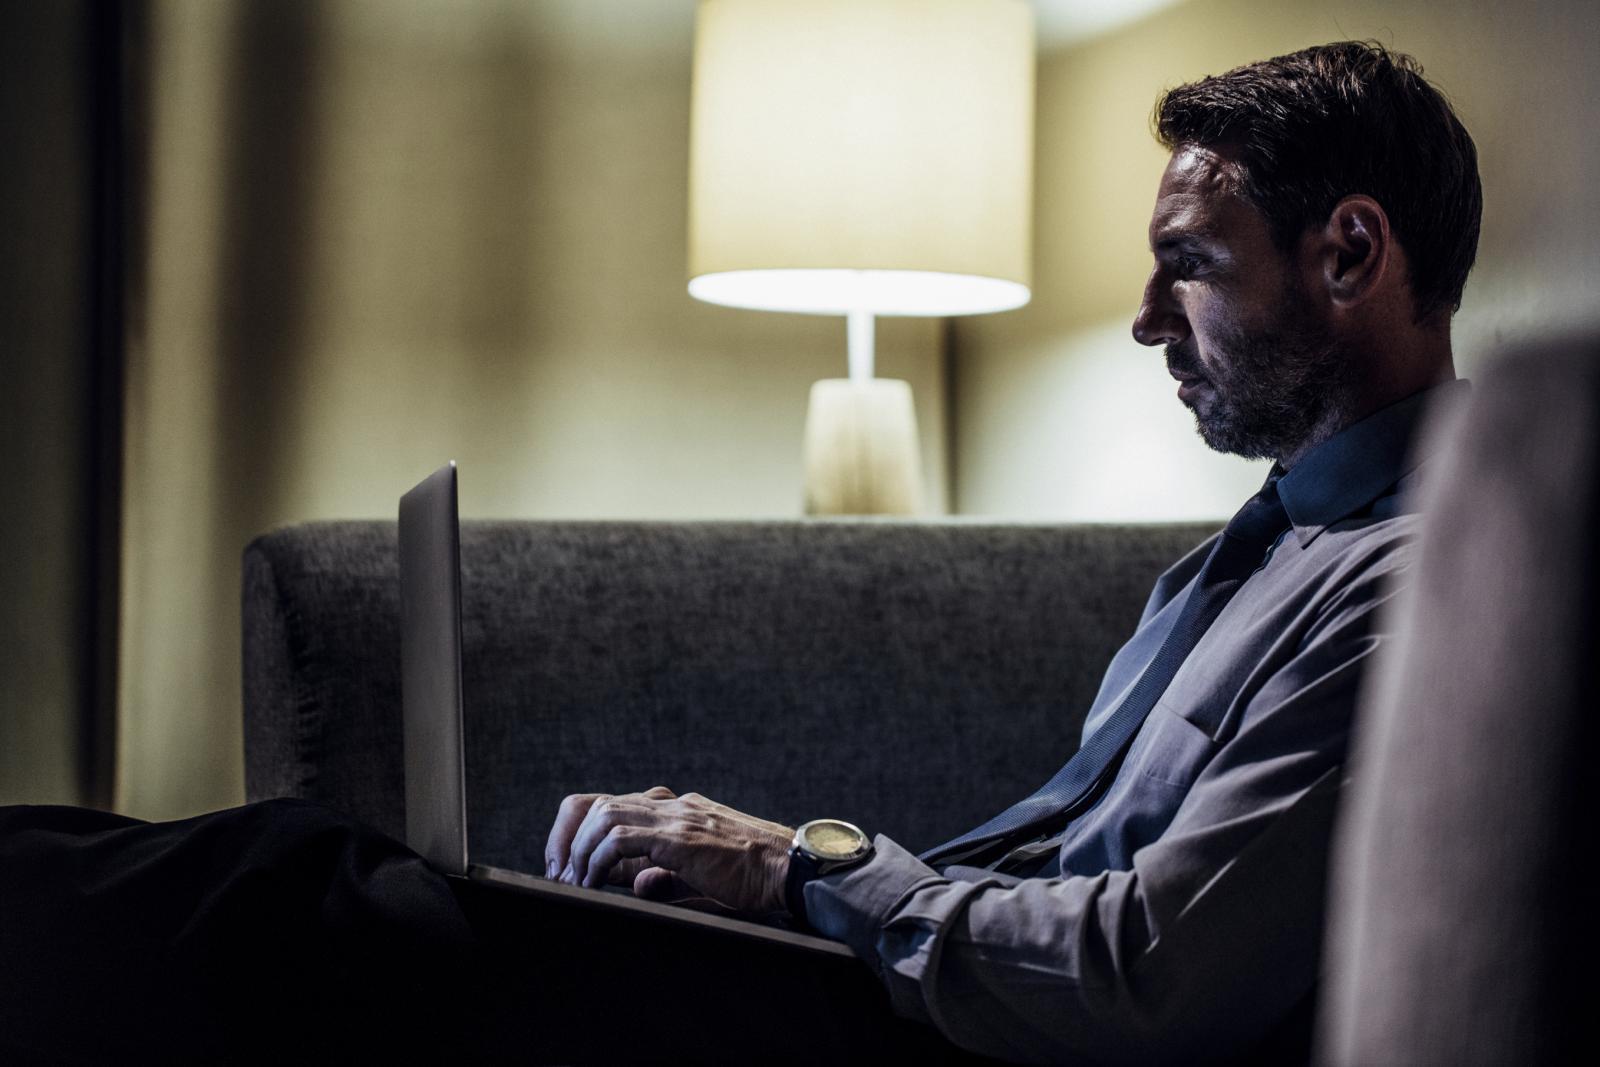 Ljudi na poslu i kod kuće sve više vremena provode sjedeći.